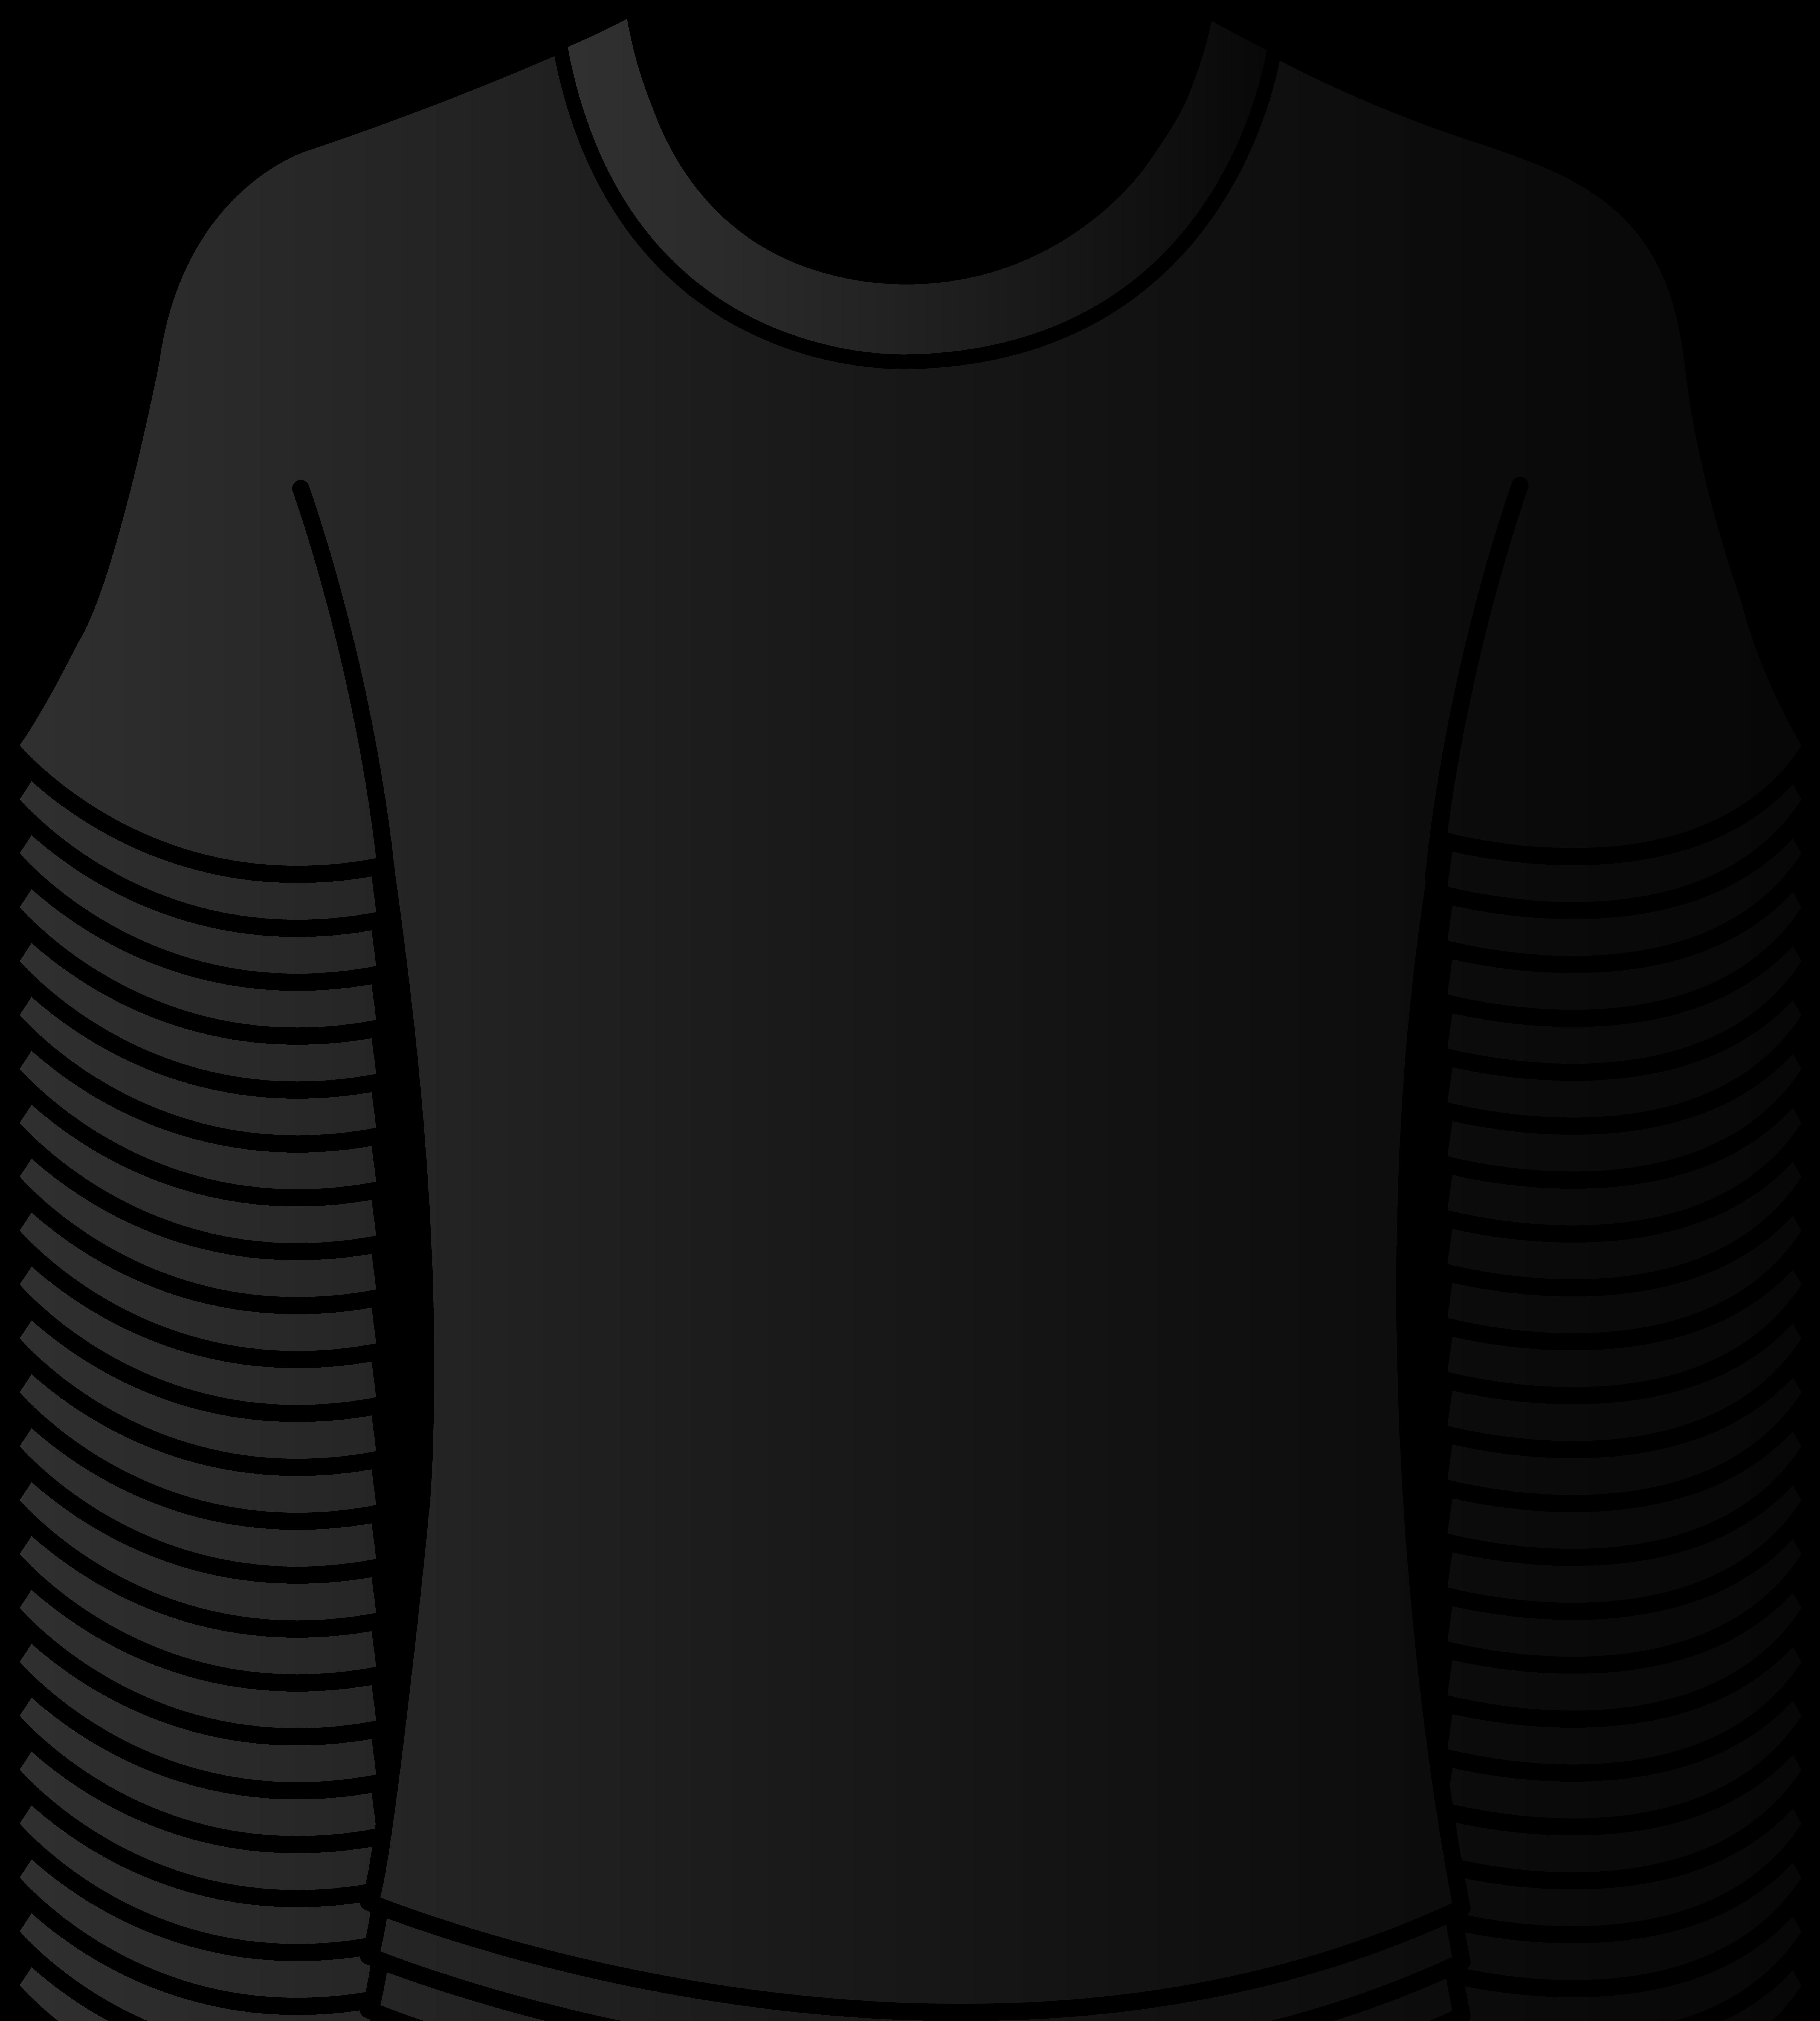 Concert T Shirt Clip Art Free - ClipArt Best